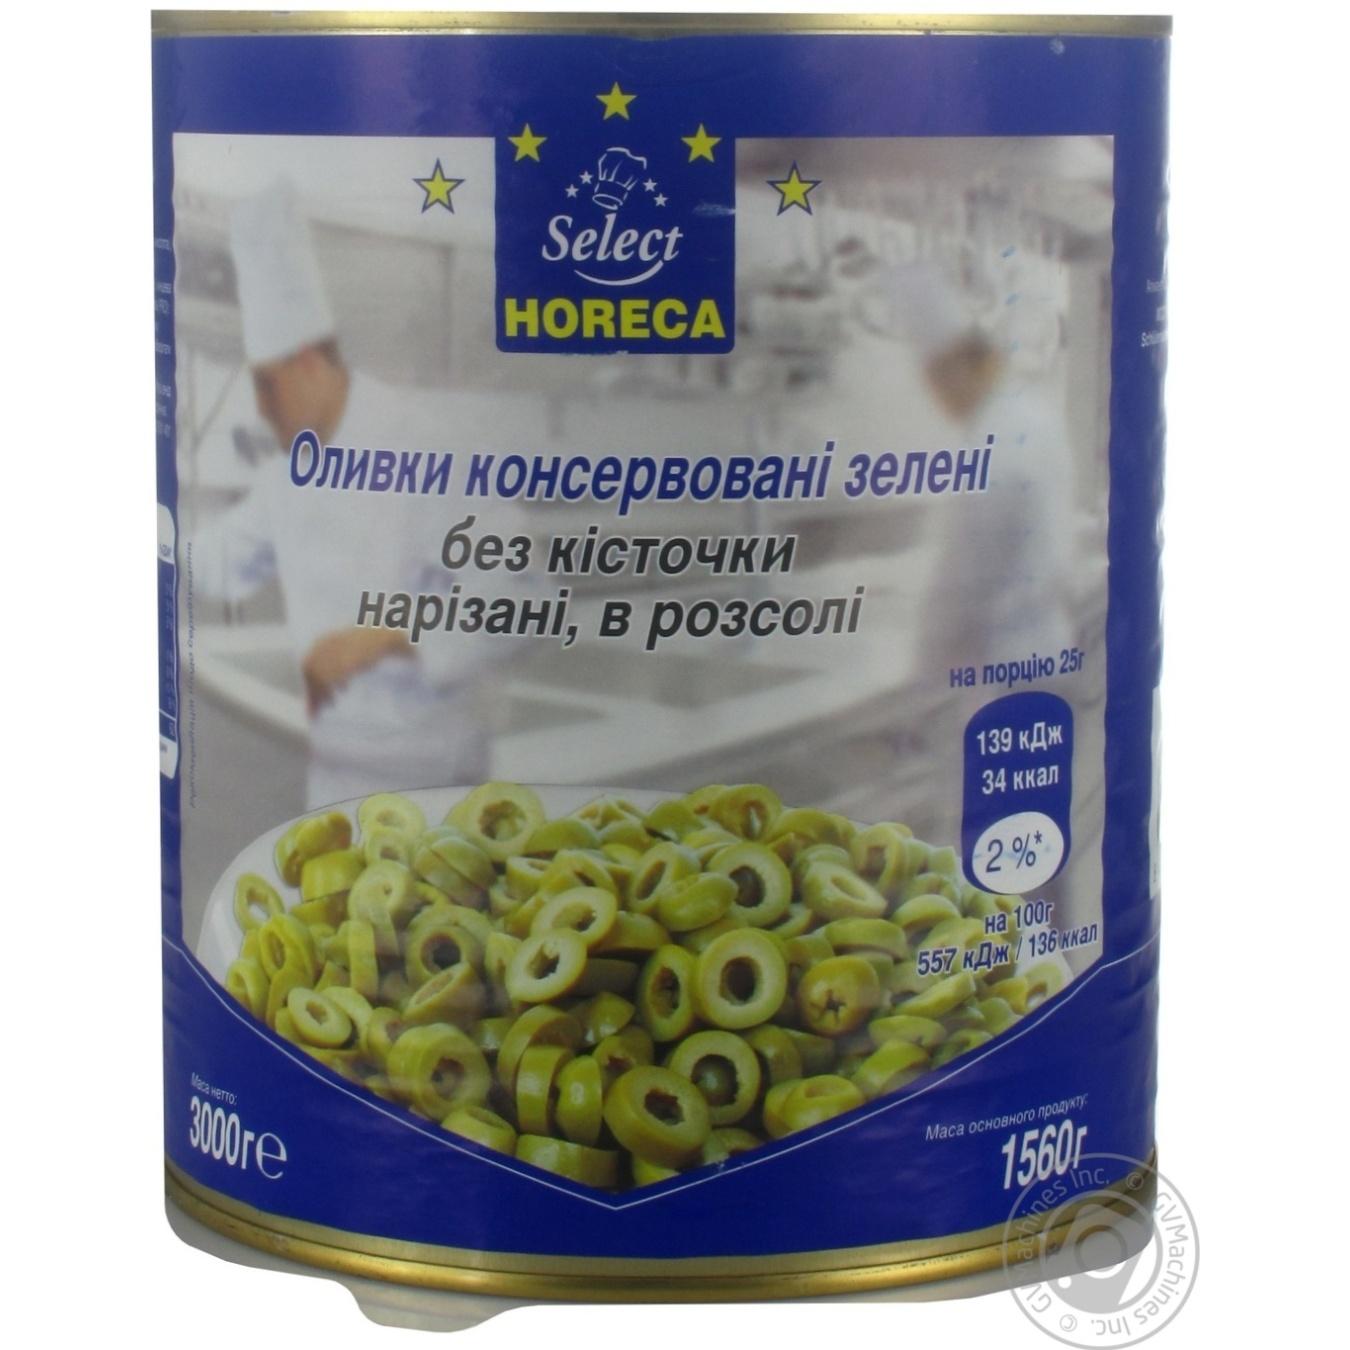 Купить Оливки консервированные Horeca Select зеленые без косточек нарезанные в рассоле 3кг